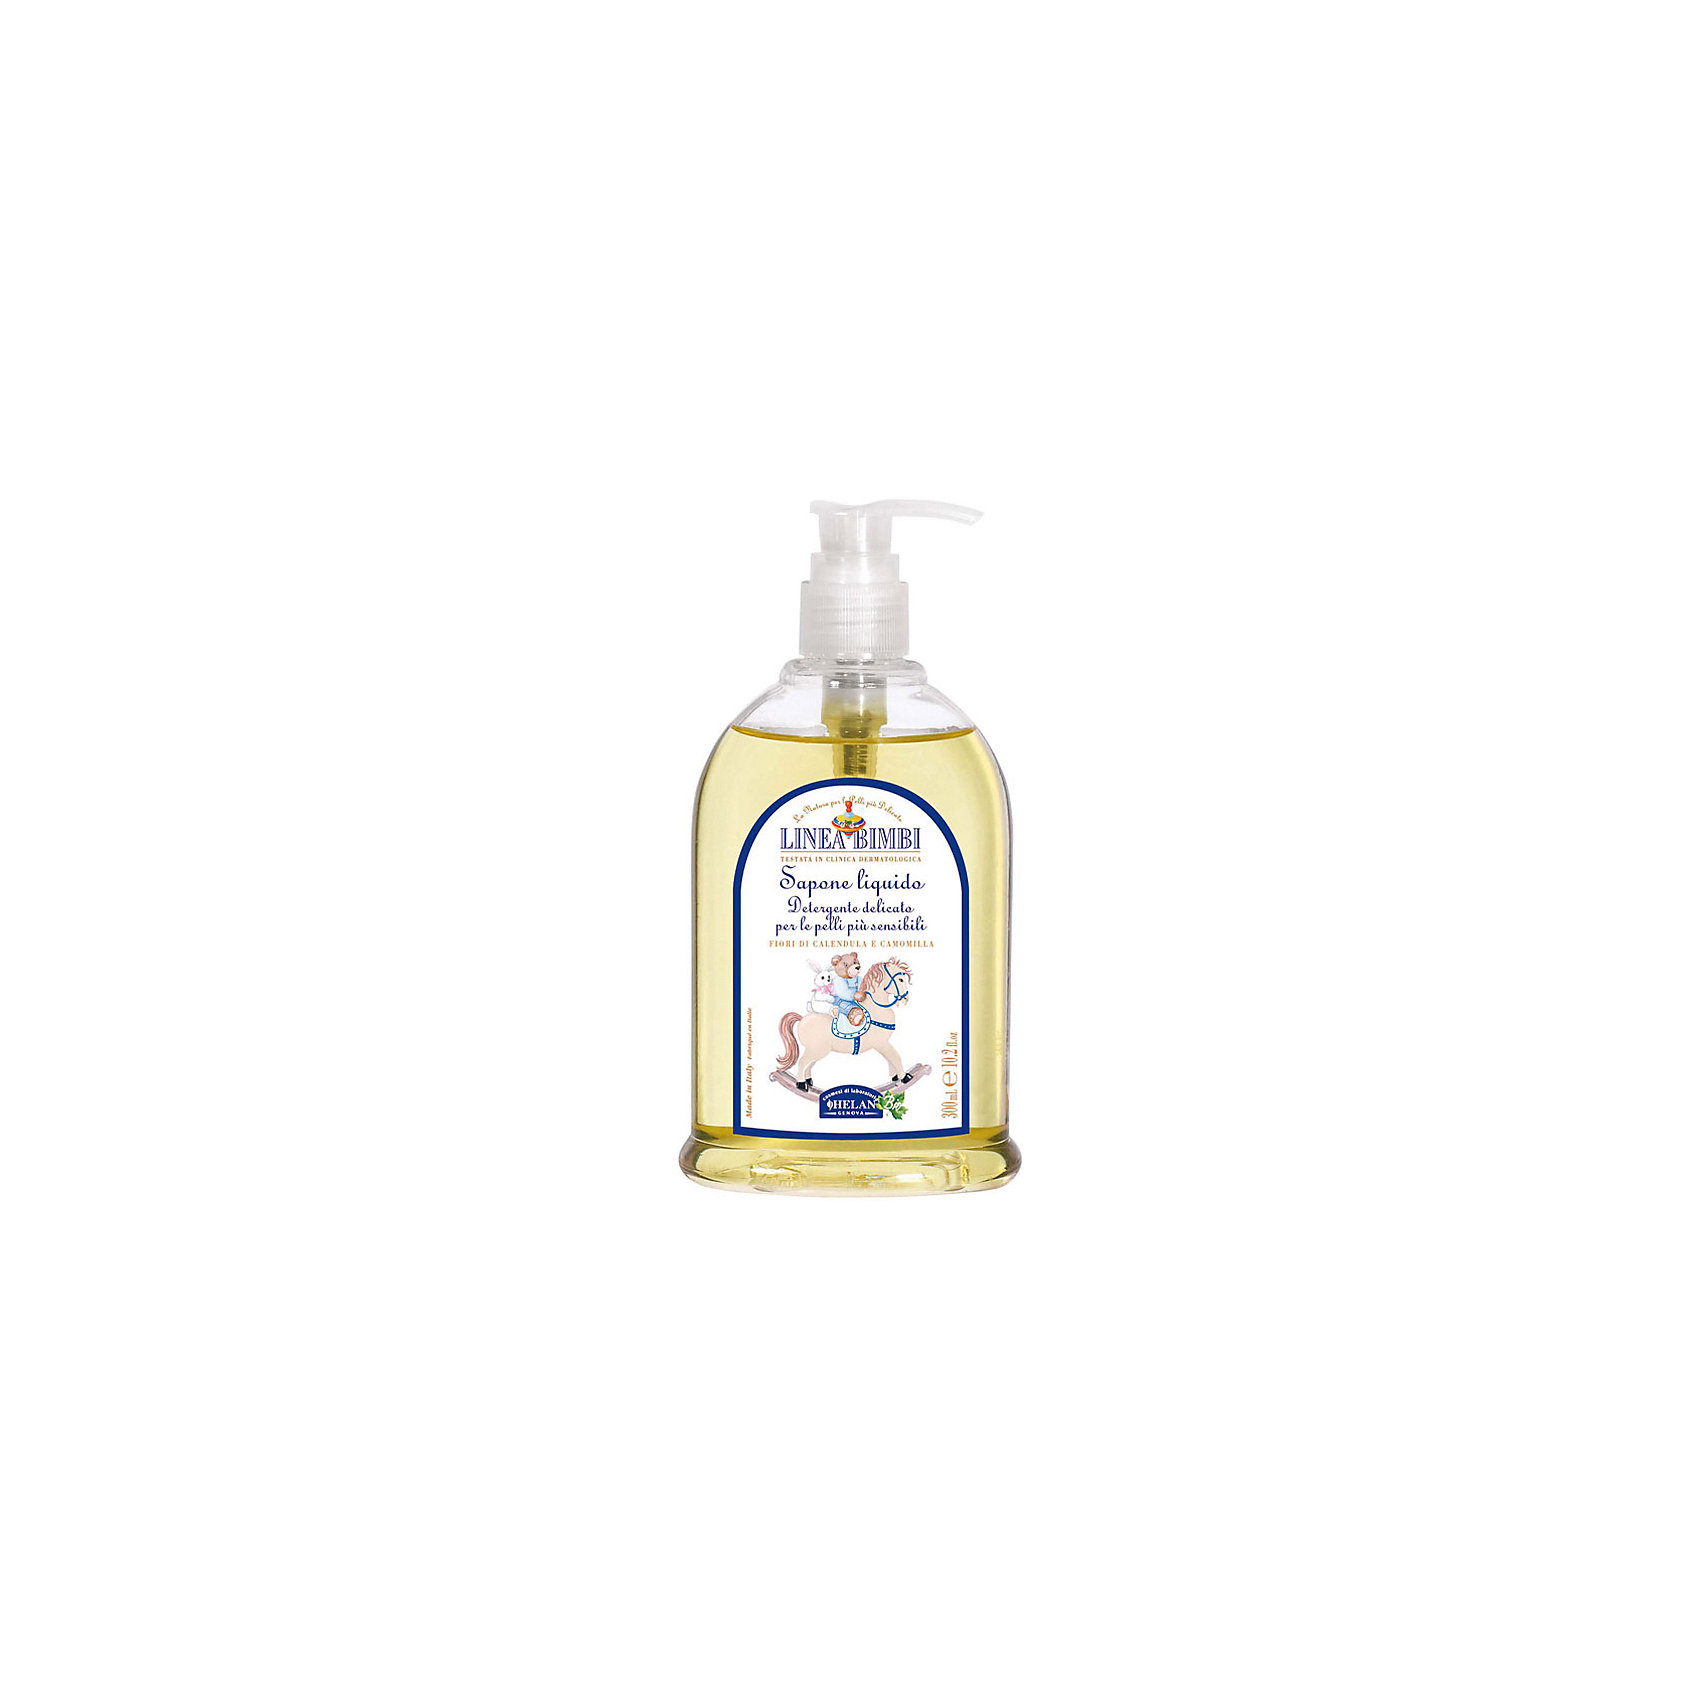 Мыло жидкое для детей Linea Bimbi, 300 мл., HELANКупание малыша<br>Мыло жидкое для детей Linea Bimbi, 300 мл., HELAN (Хелан)<br><br>Характеристики:<br><br>• подходит для чувствительной кожи<br>• успокаивает и придаёт мягкость коже<br>• обеспечивает нормальный уровень pH<br>• не содержит консервантов и красителей<br>• приятный аромат<br>• удобный дозатор<br>• активные компоненты: экстракт ромашки, экстракт календулы<br>• объем: 300 мл<br>• размер упаковки: 17х9х5 см<br>• вес: 360 грамм<br><br>Жидкое мыло Linea Bimbi подходит даже для самой чувствительной кожи. Компоненты, входящие в состав, бережно смягчают и увлажняют кожу, а экстракты ромашки и календулы препятствуют появлению покраснений и раздражения. Мыло имеет лёгкий приятный аромат, который также не вызовет аллергии. Удобный дозатор позволит вам взять необходимое количество мыла. Продукт не содержит красителей и консервантов, вредных для здоровья малыша.<br><br>Мыло жидкое для детей Linea Bimbi, 300 мл., HELAN (Хелан) можно купить в нашем интернет-магазине.<br><br>Ширина мм: 50<br>Глубина мм: 90<br>Высота мм: 170<br>Вес г: 360<br>Возраст от месяцев: -2147483648<br>Возраст до месяцев: 2147483647<br>Пол: Унисекс<br>Возраст: Детский<br>SKU: 5401699